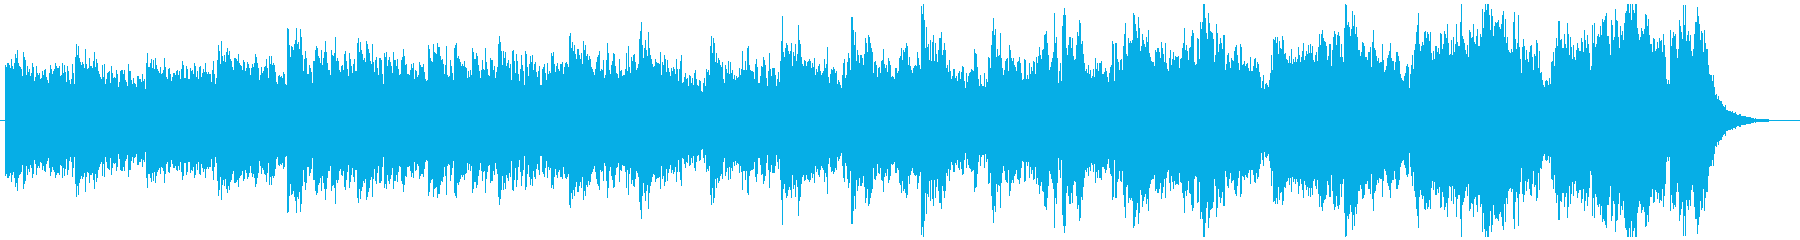 電気音響シンフォニー 劇的な 厳S...の再生済みの波形